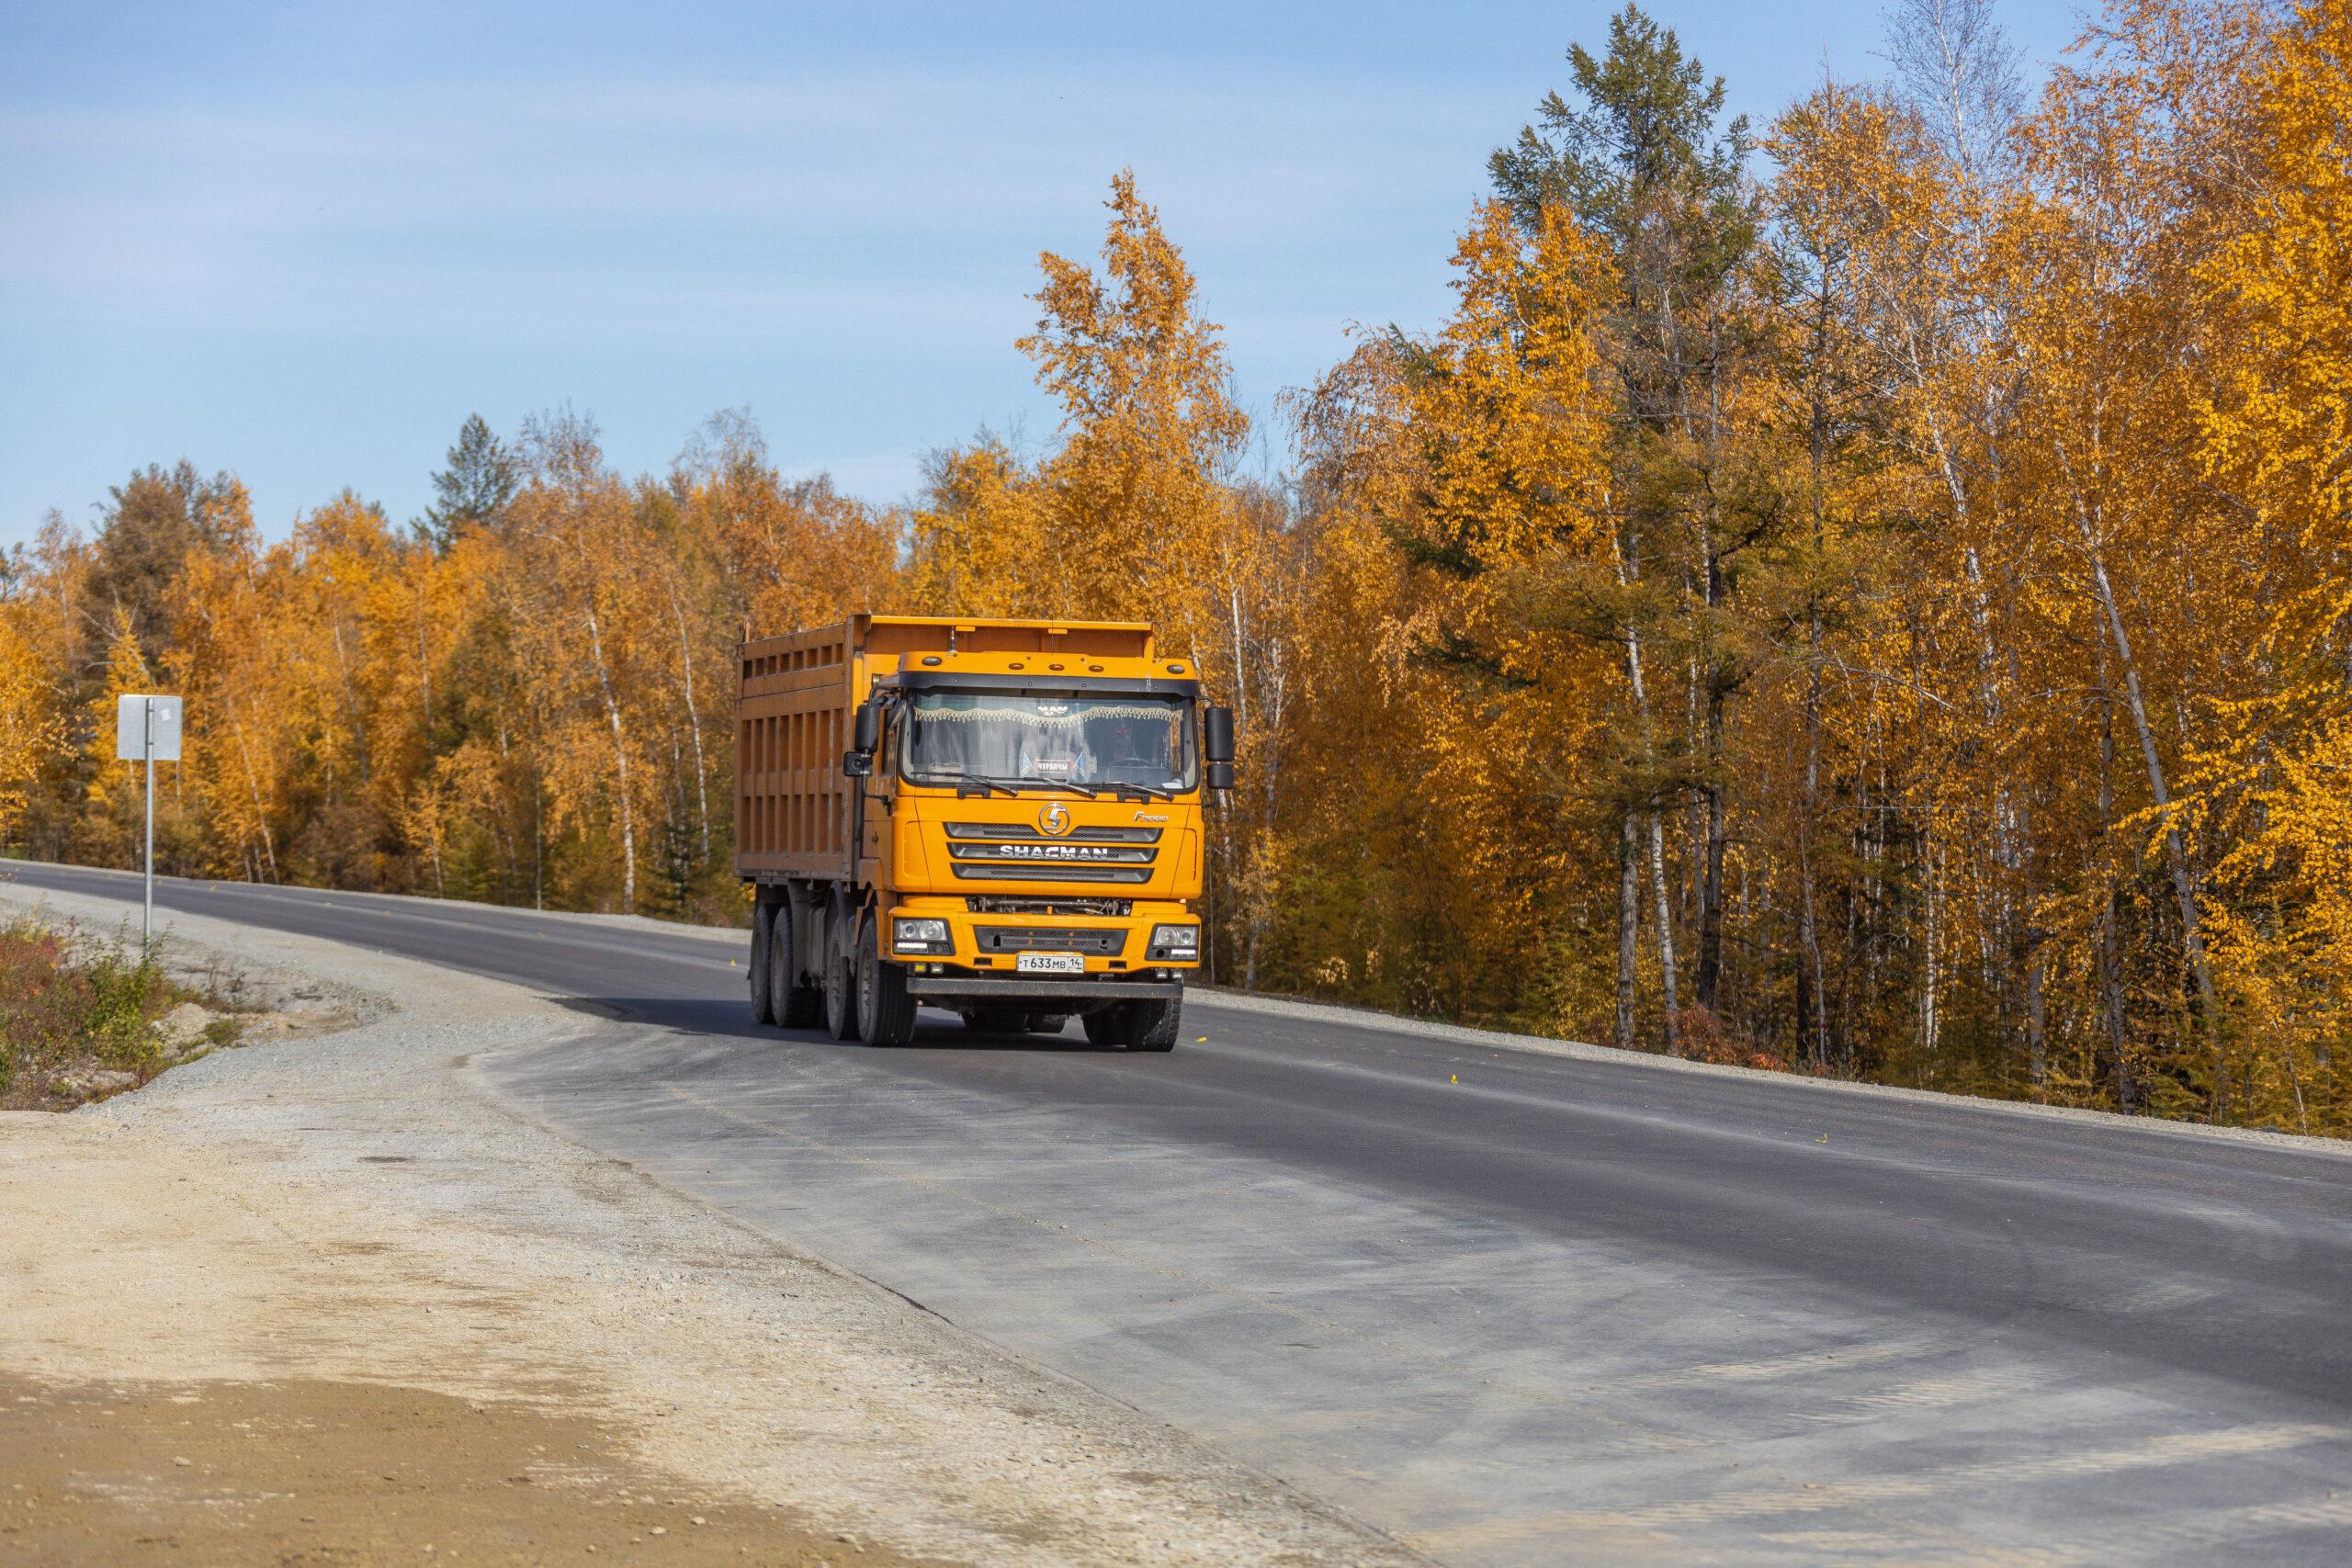 Ремонт участка трассы «Умнас» в Хангаласском районе Якутии завершат в 2021 году